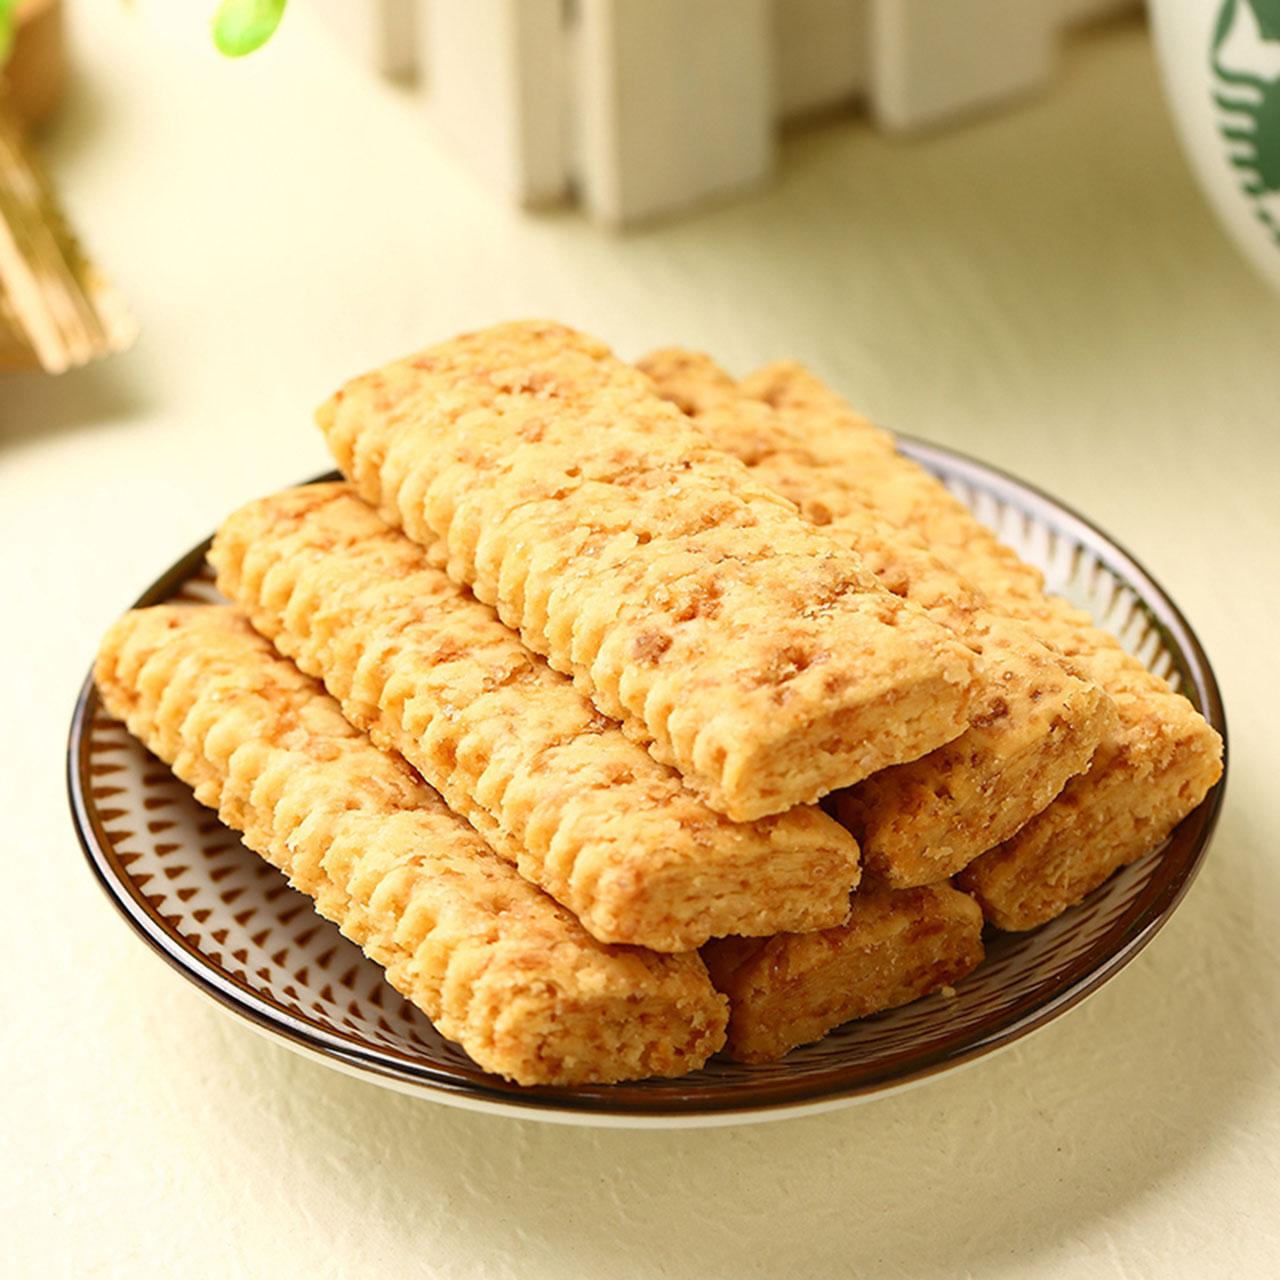 进口老杨咸蛋黄饼干2盒方块蛋黄酥?#28304;?#39184;茶点心网红儿童零食年货